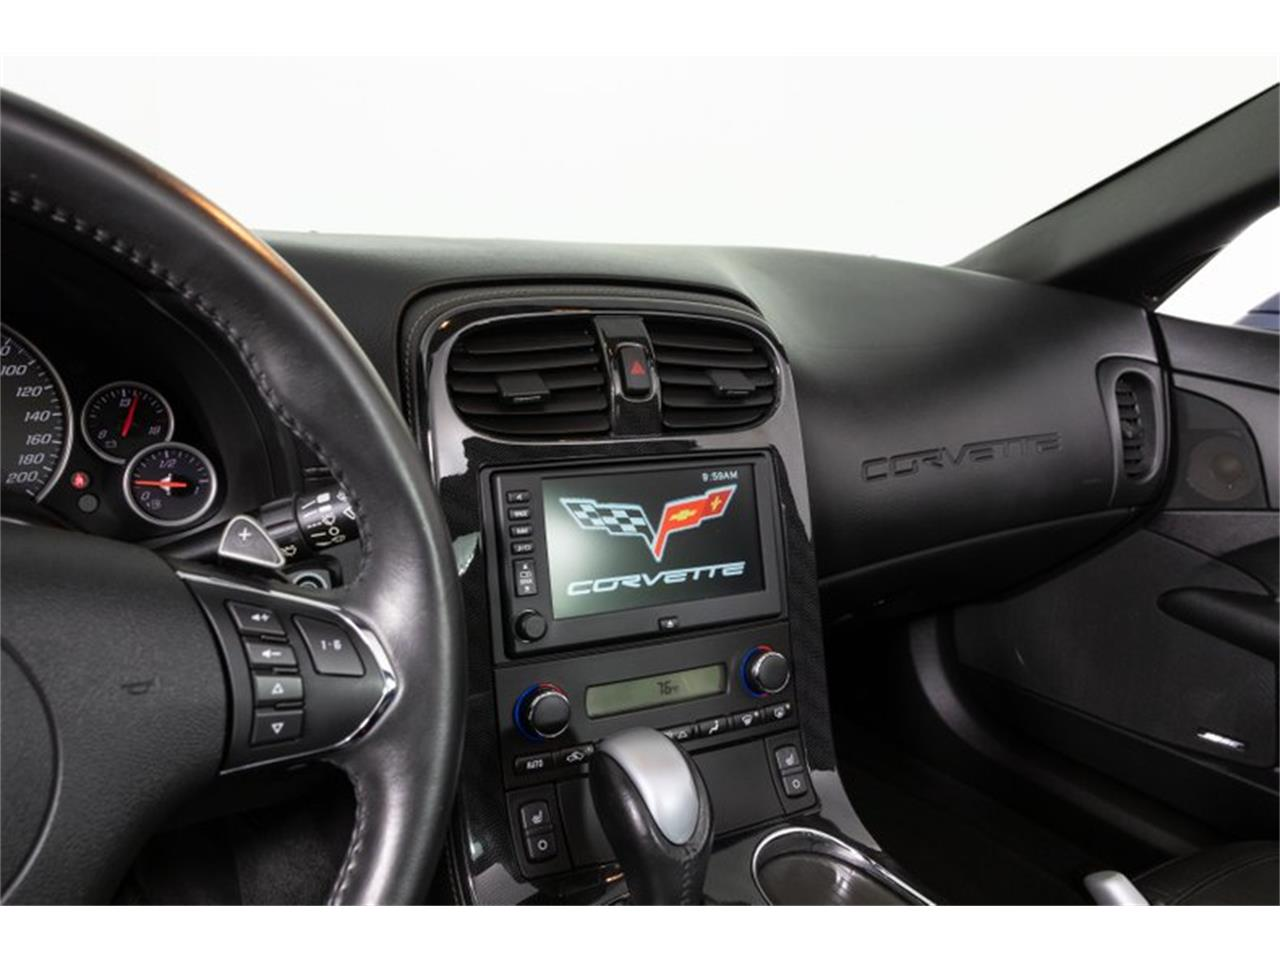 2012 Chevrolet Corvette (CC-1391670) for sale in St. Charles, Missouri